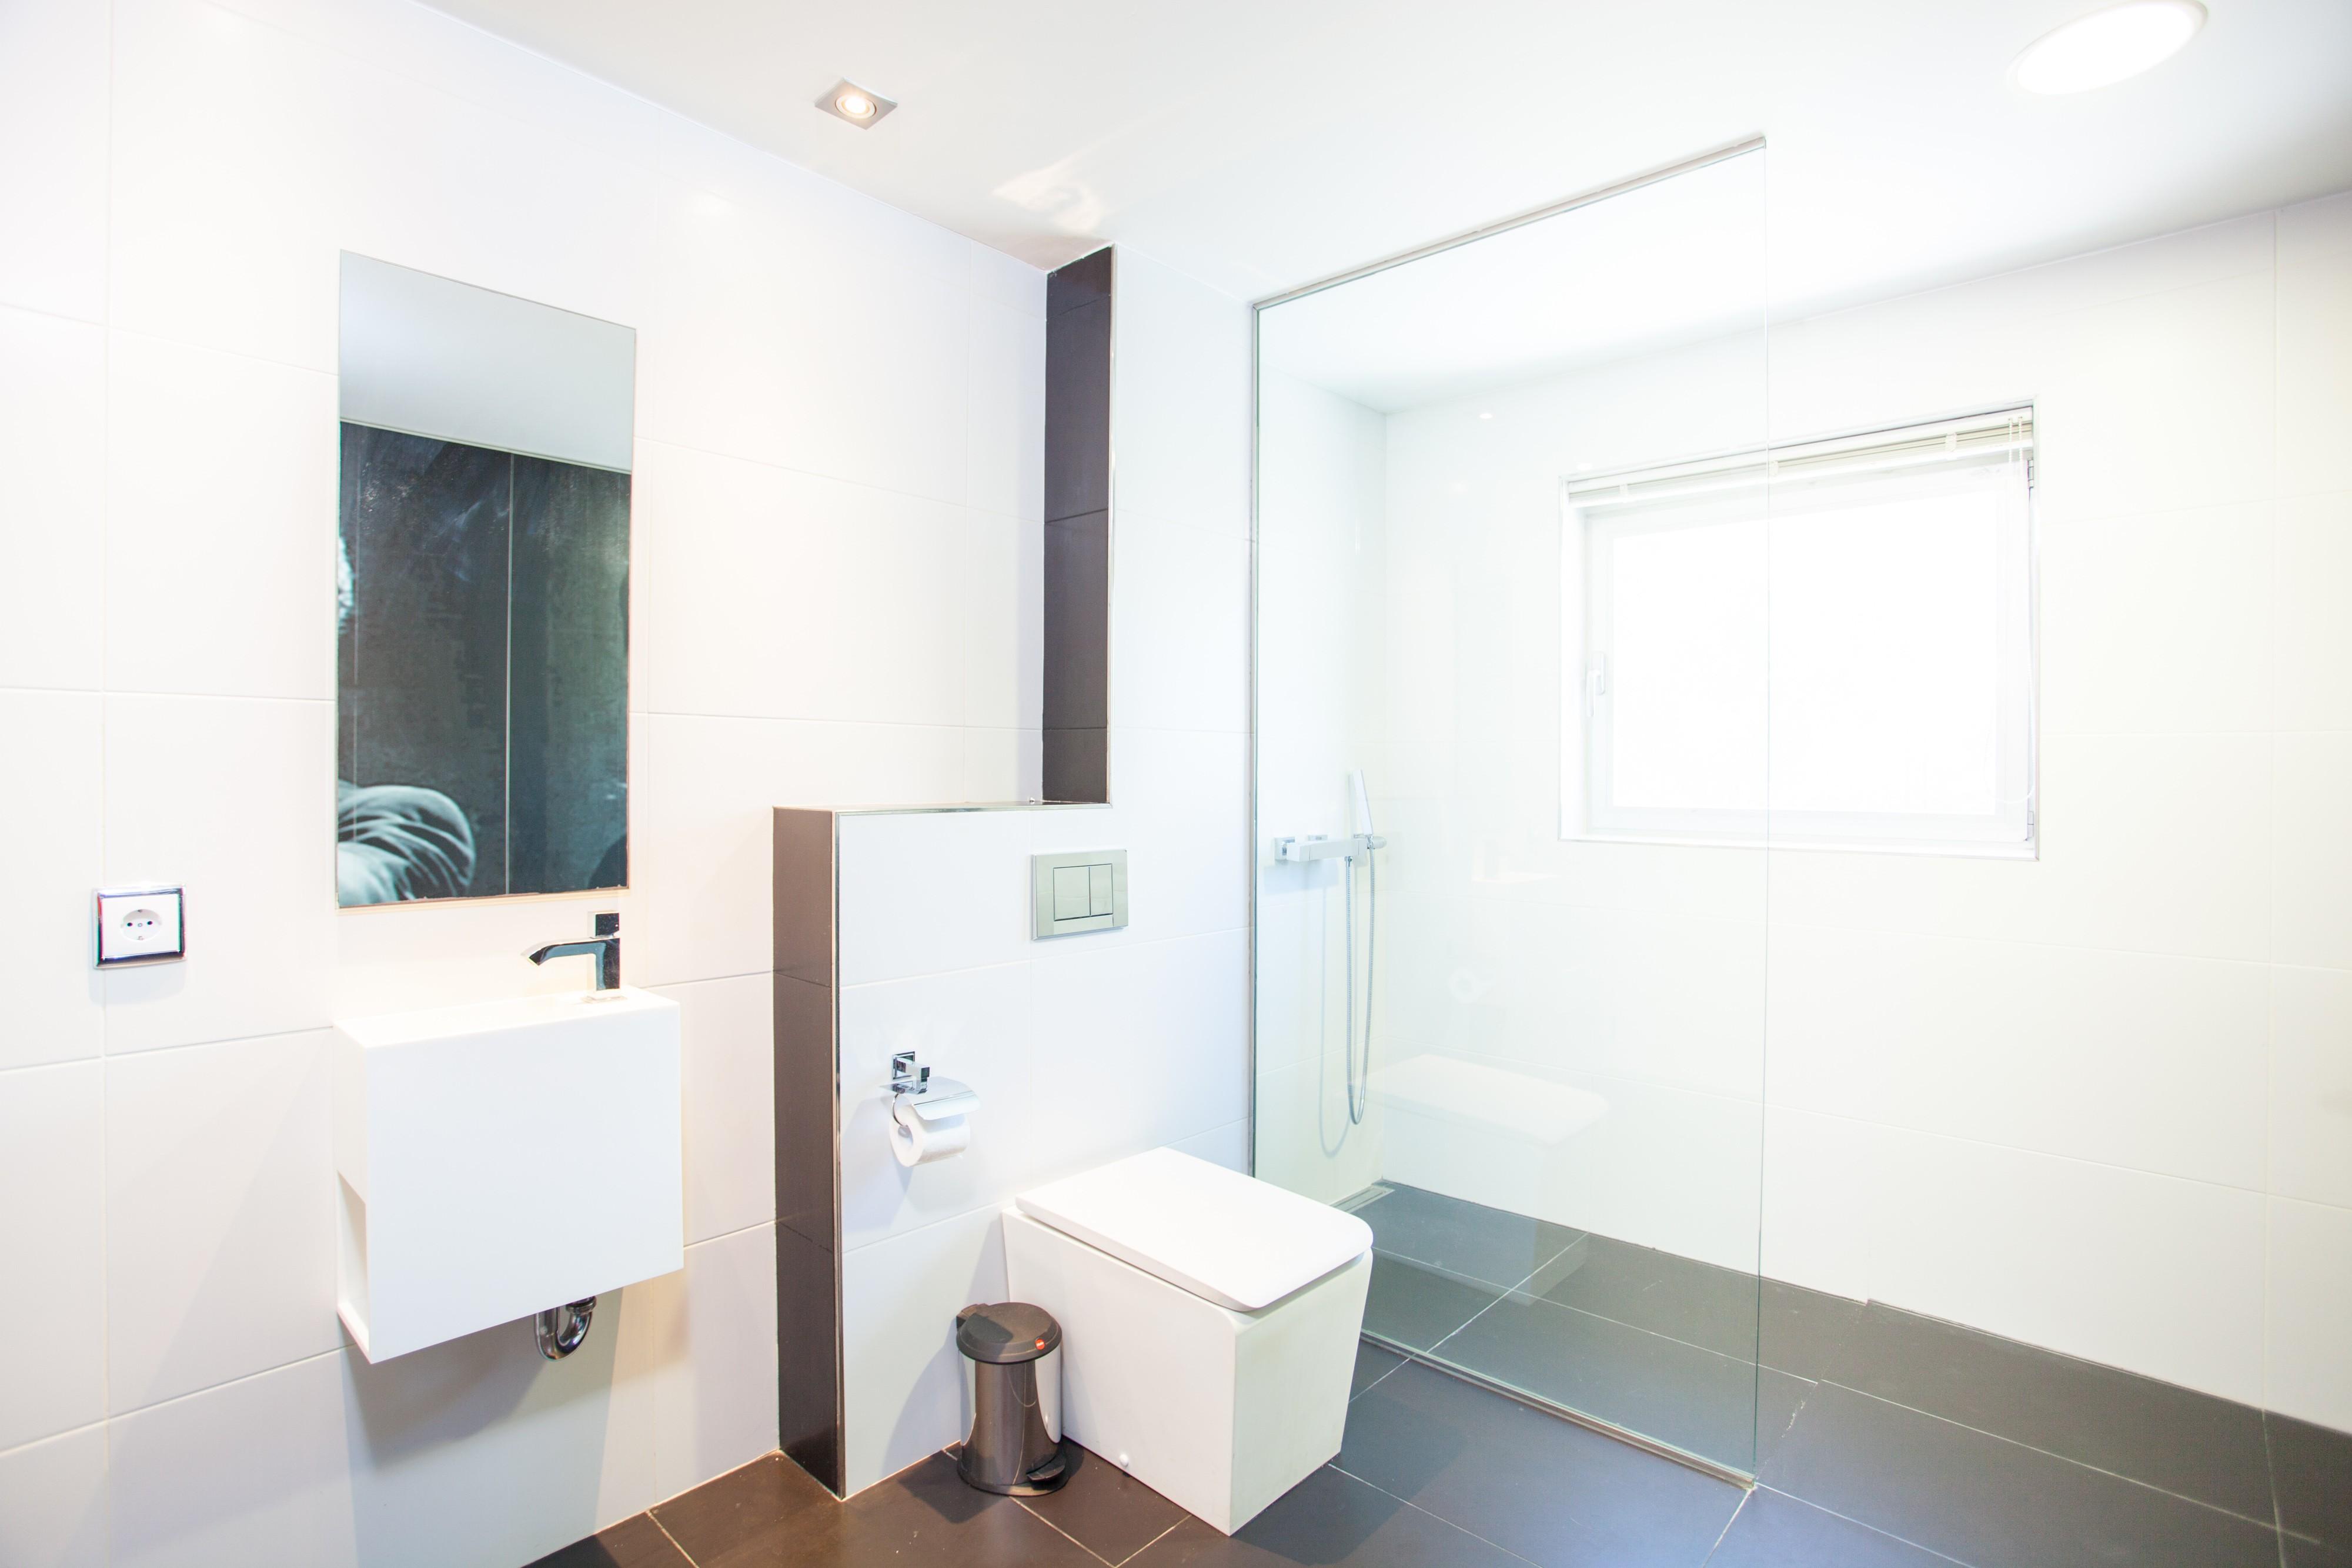 Fein Ostküste Küche Und Badezimmer Bilder - Küche Set Ideen ...